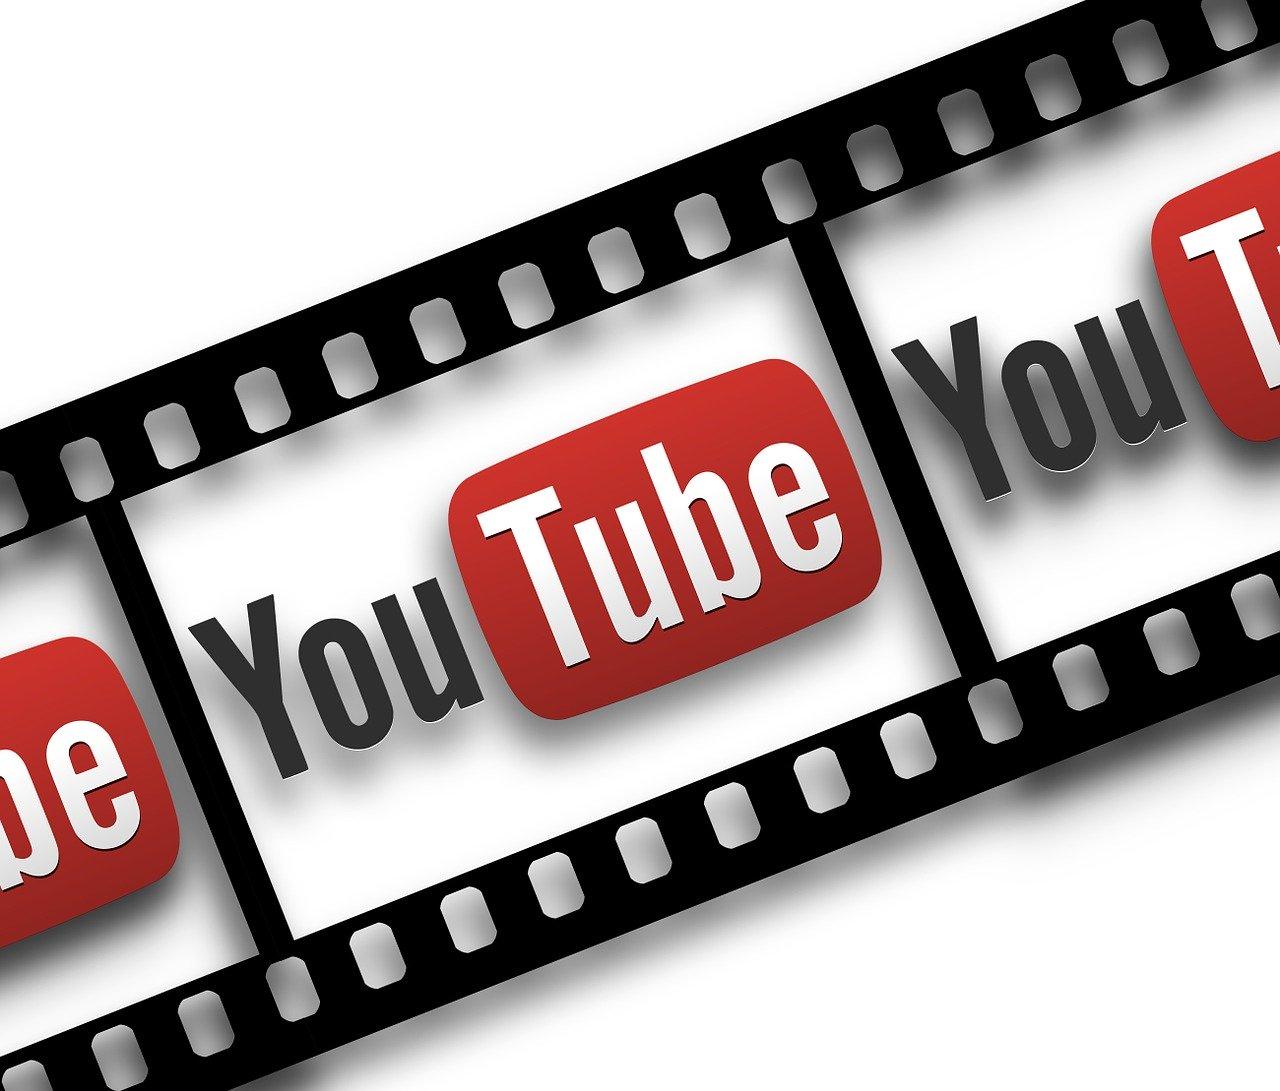 أفضل 9 دورات وكورسات  + دورات مجانية التسويق عبر اليوتيوب  (YouTube) والفيديو [2021]